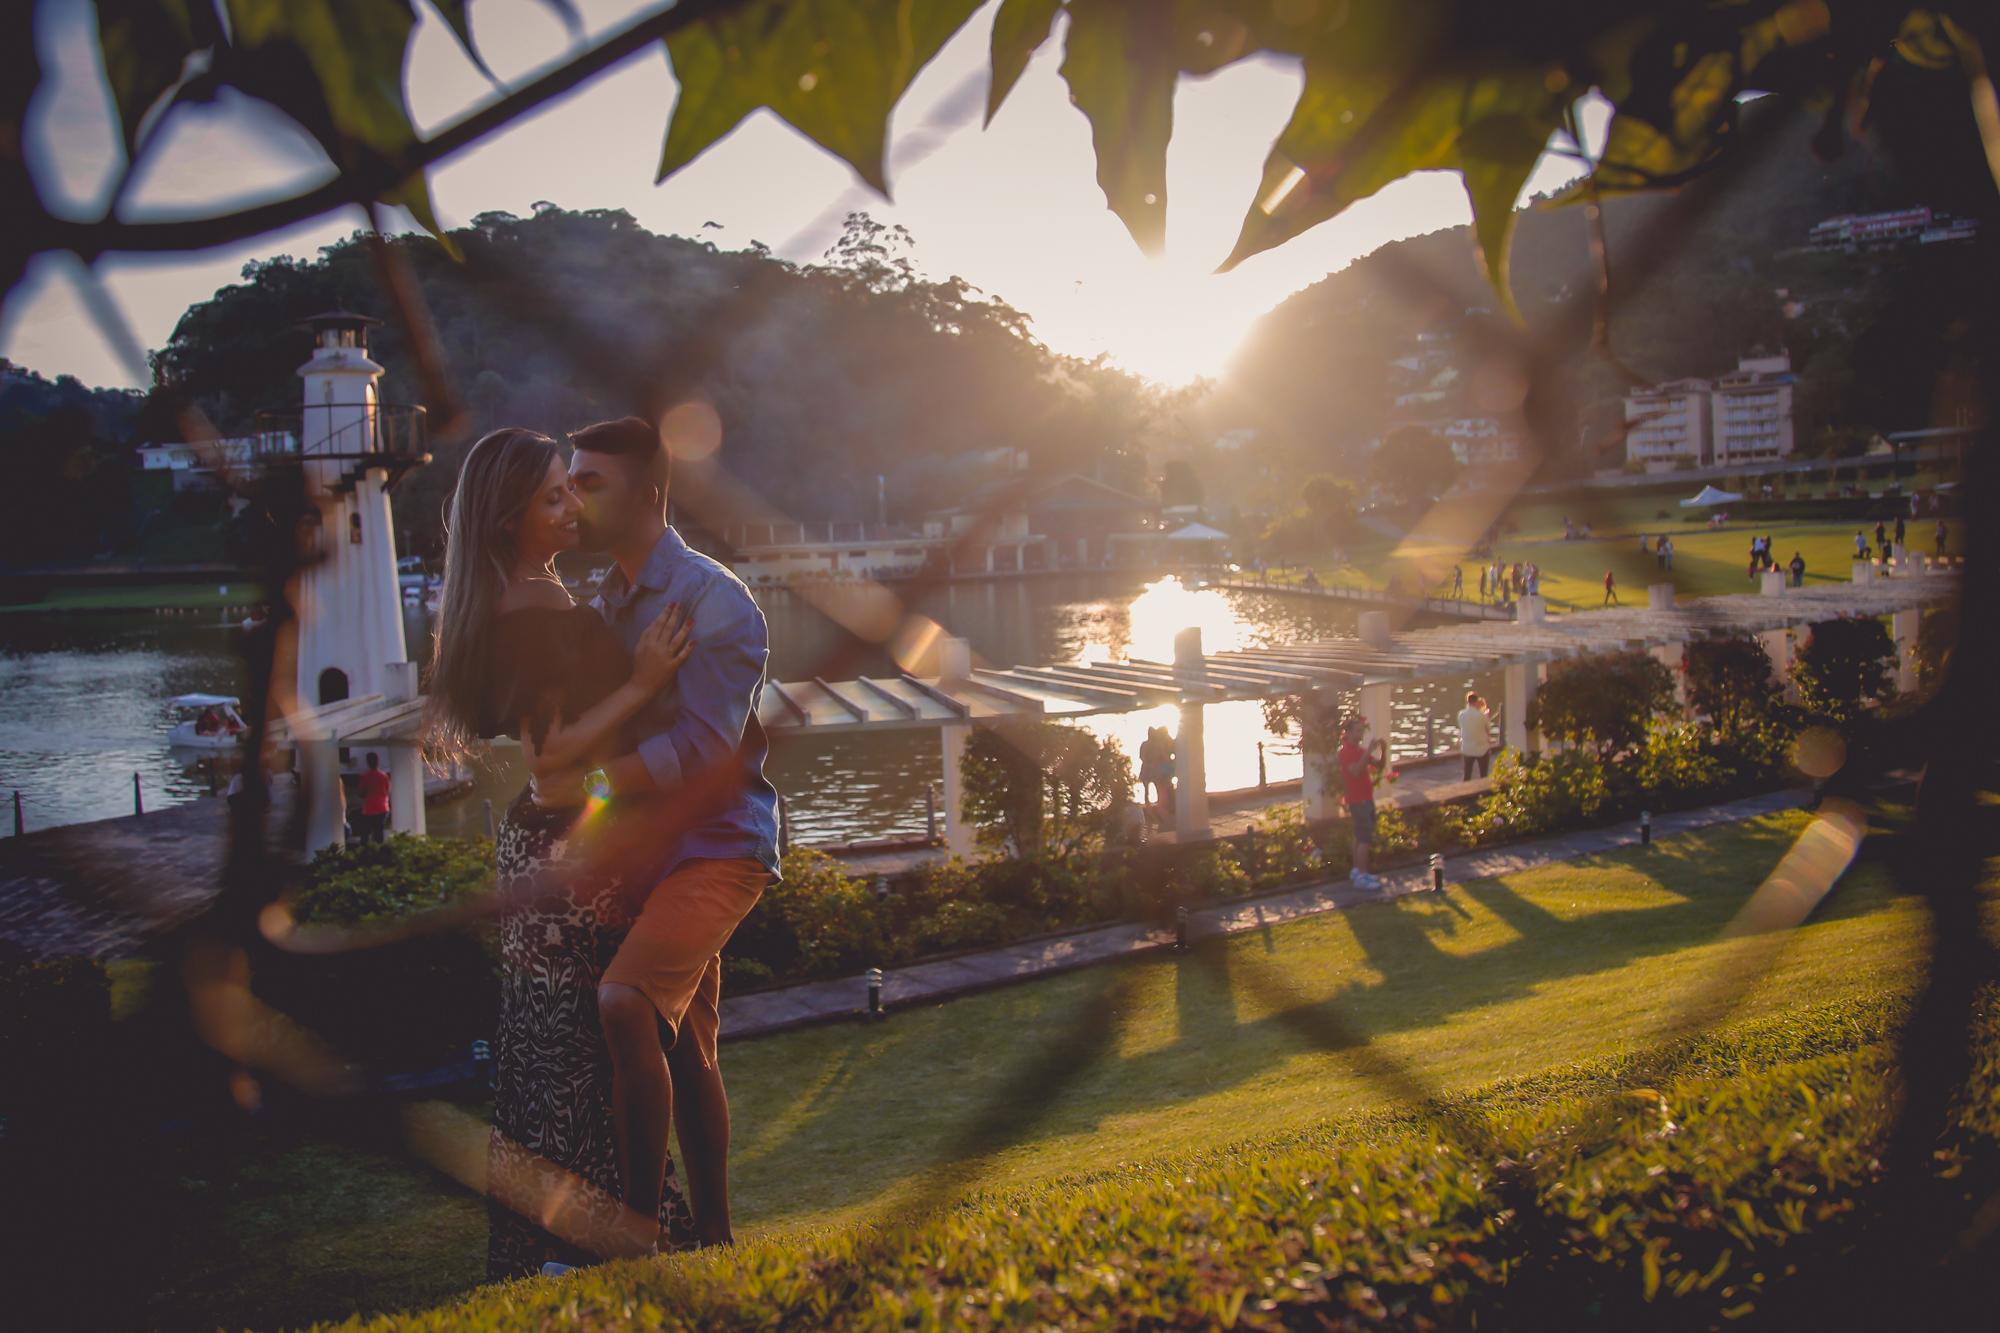 fotografo de casamento no Rio de janeiro (204)